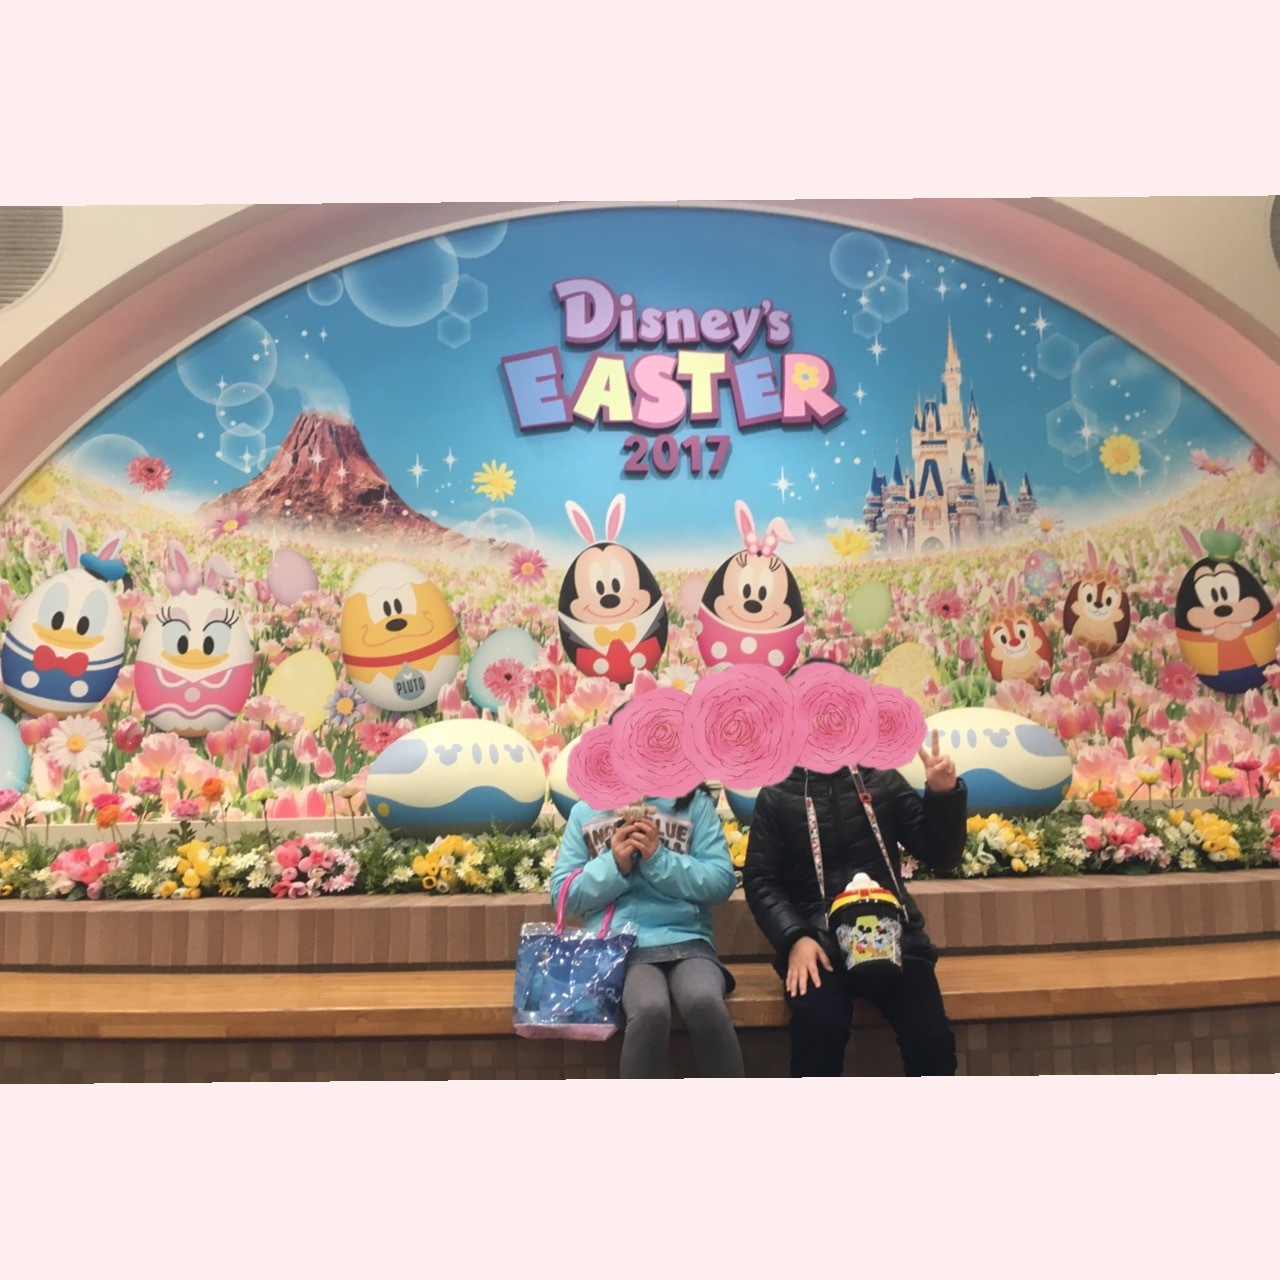 ディズニーシー2017』東京ディズニーリゾート(千葉県)の旅行記・ブログ